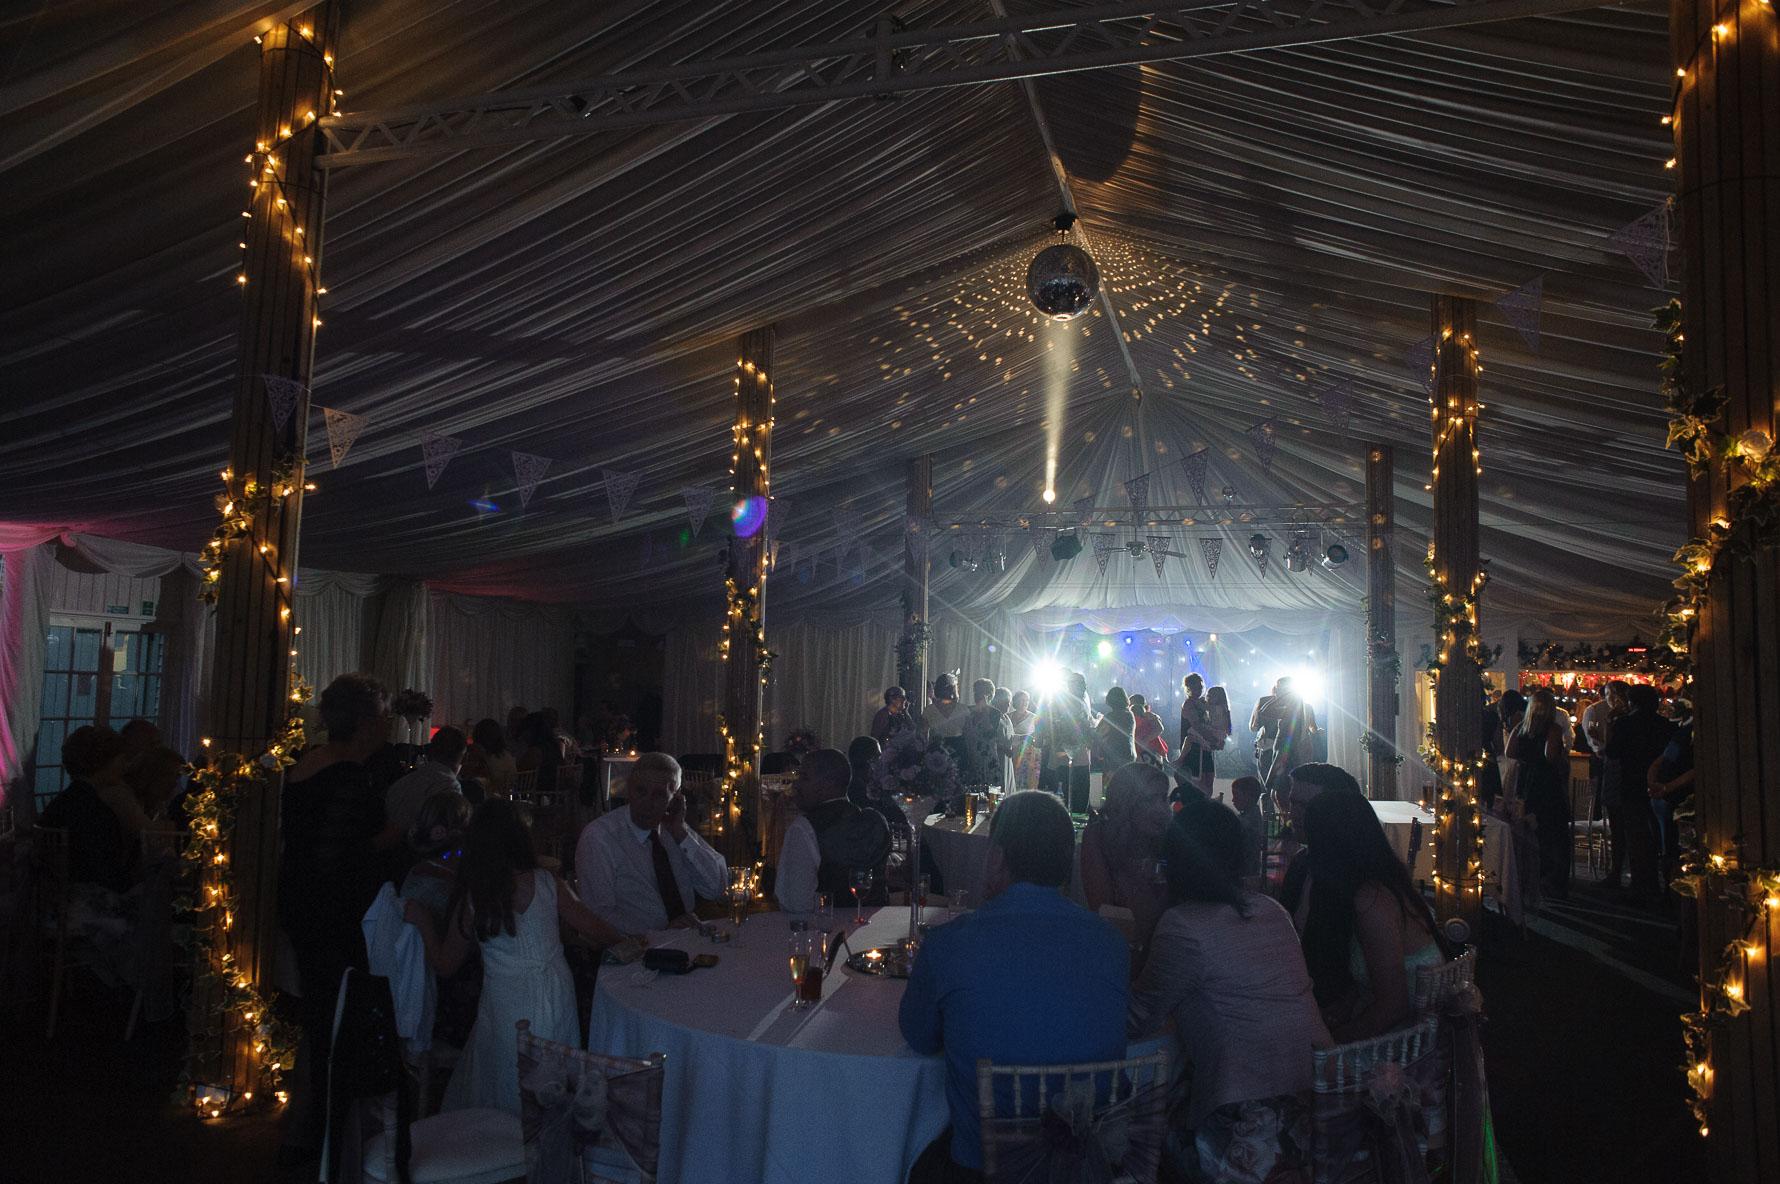 Solton Manor Wedding Venue